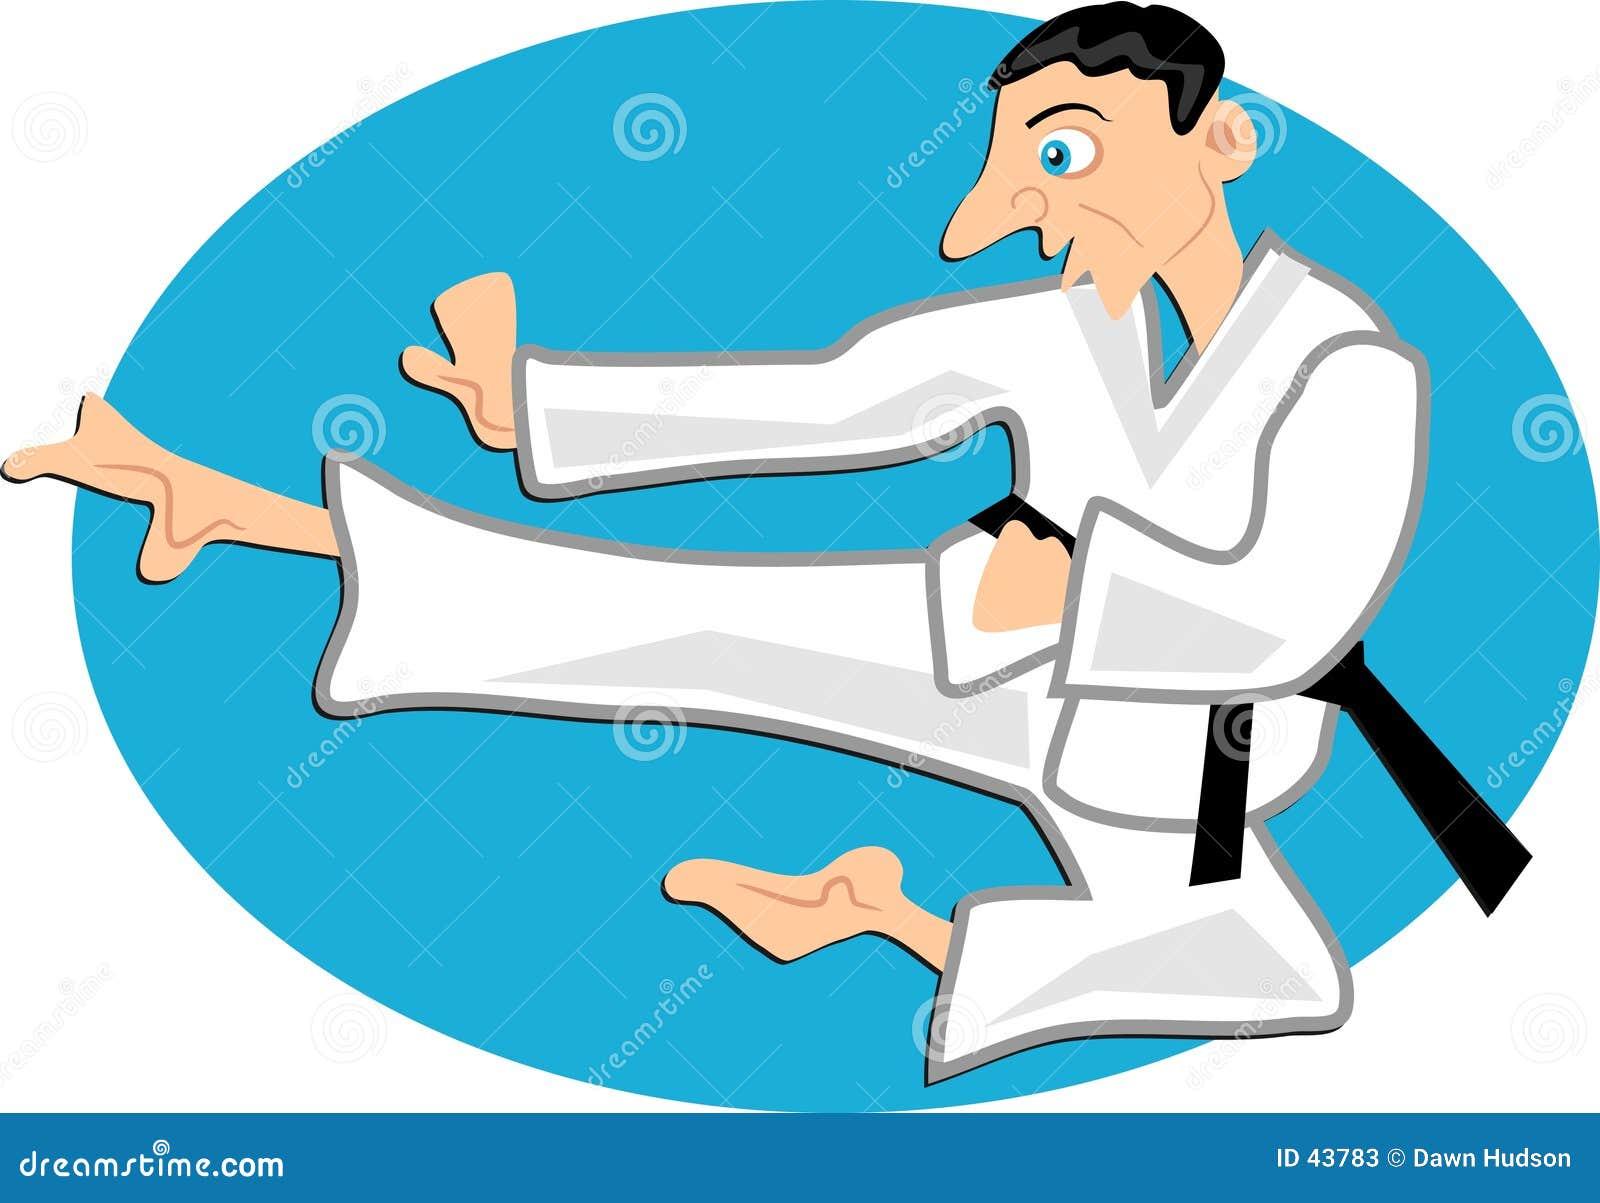 Download Karate ilustración del vector. Ilustración de combate, ataque - 43783